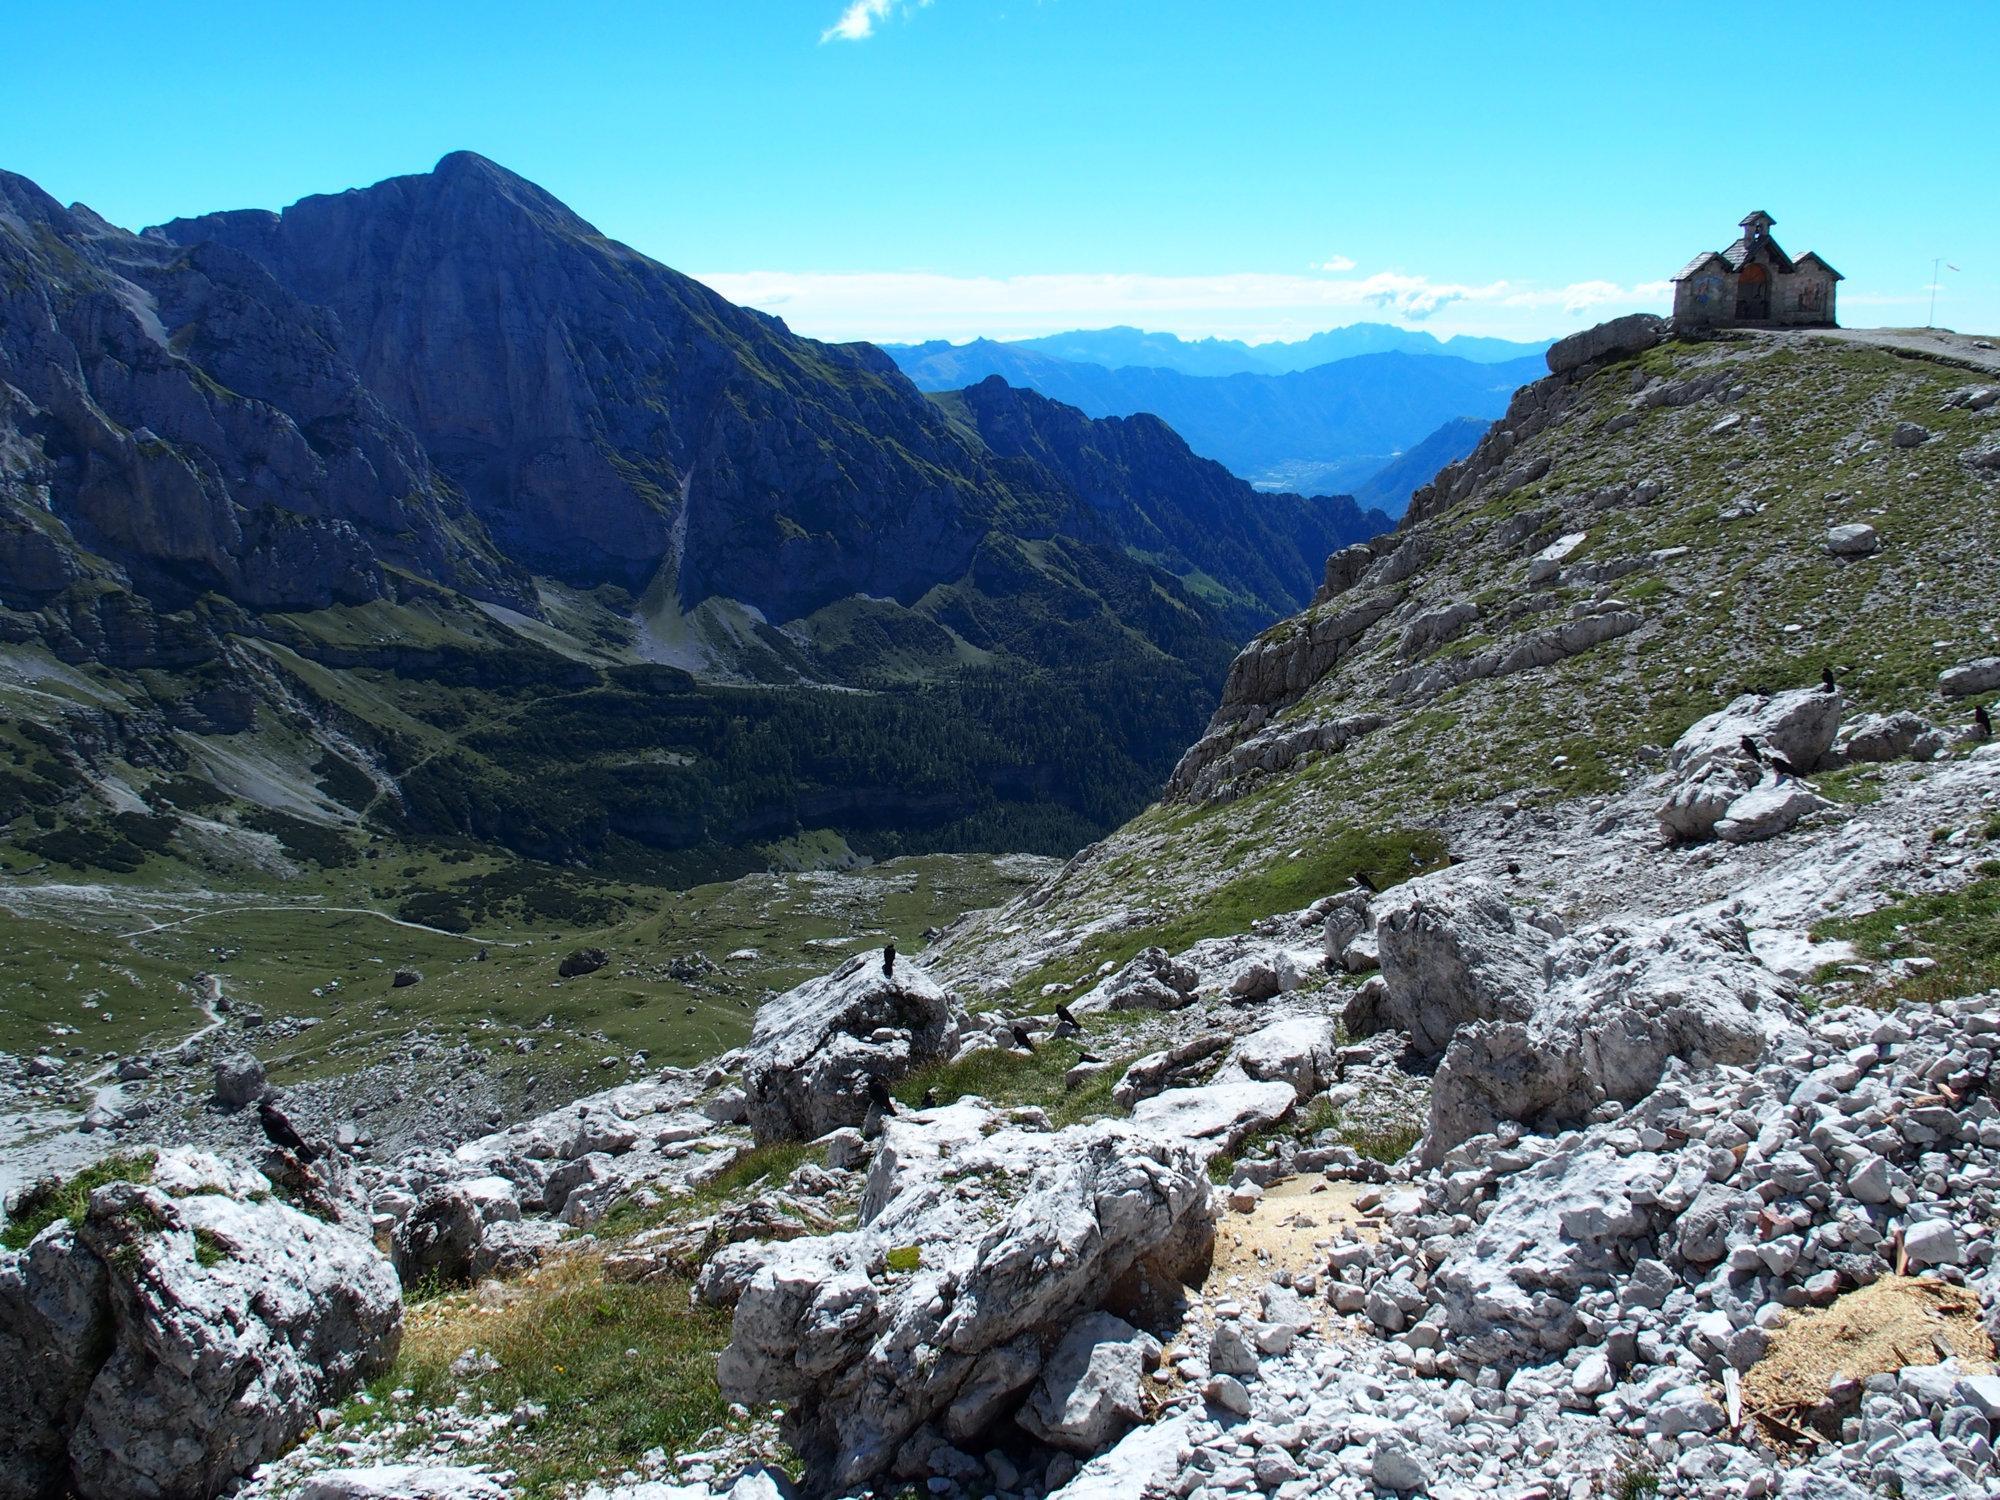 Kappelle, Agostini, Brenta, Klettersteig, Dolomiten